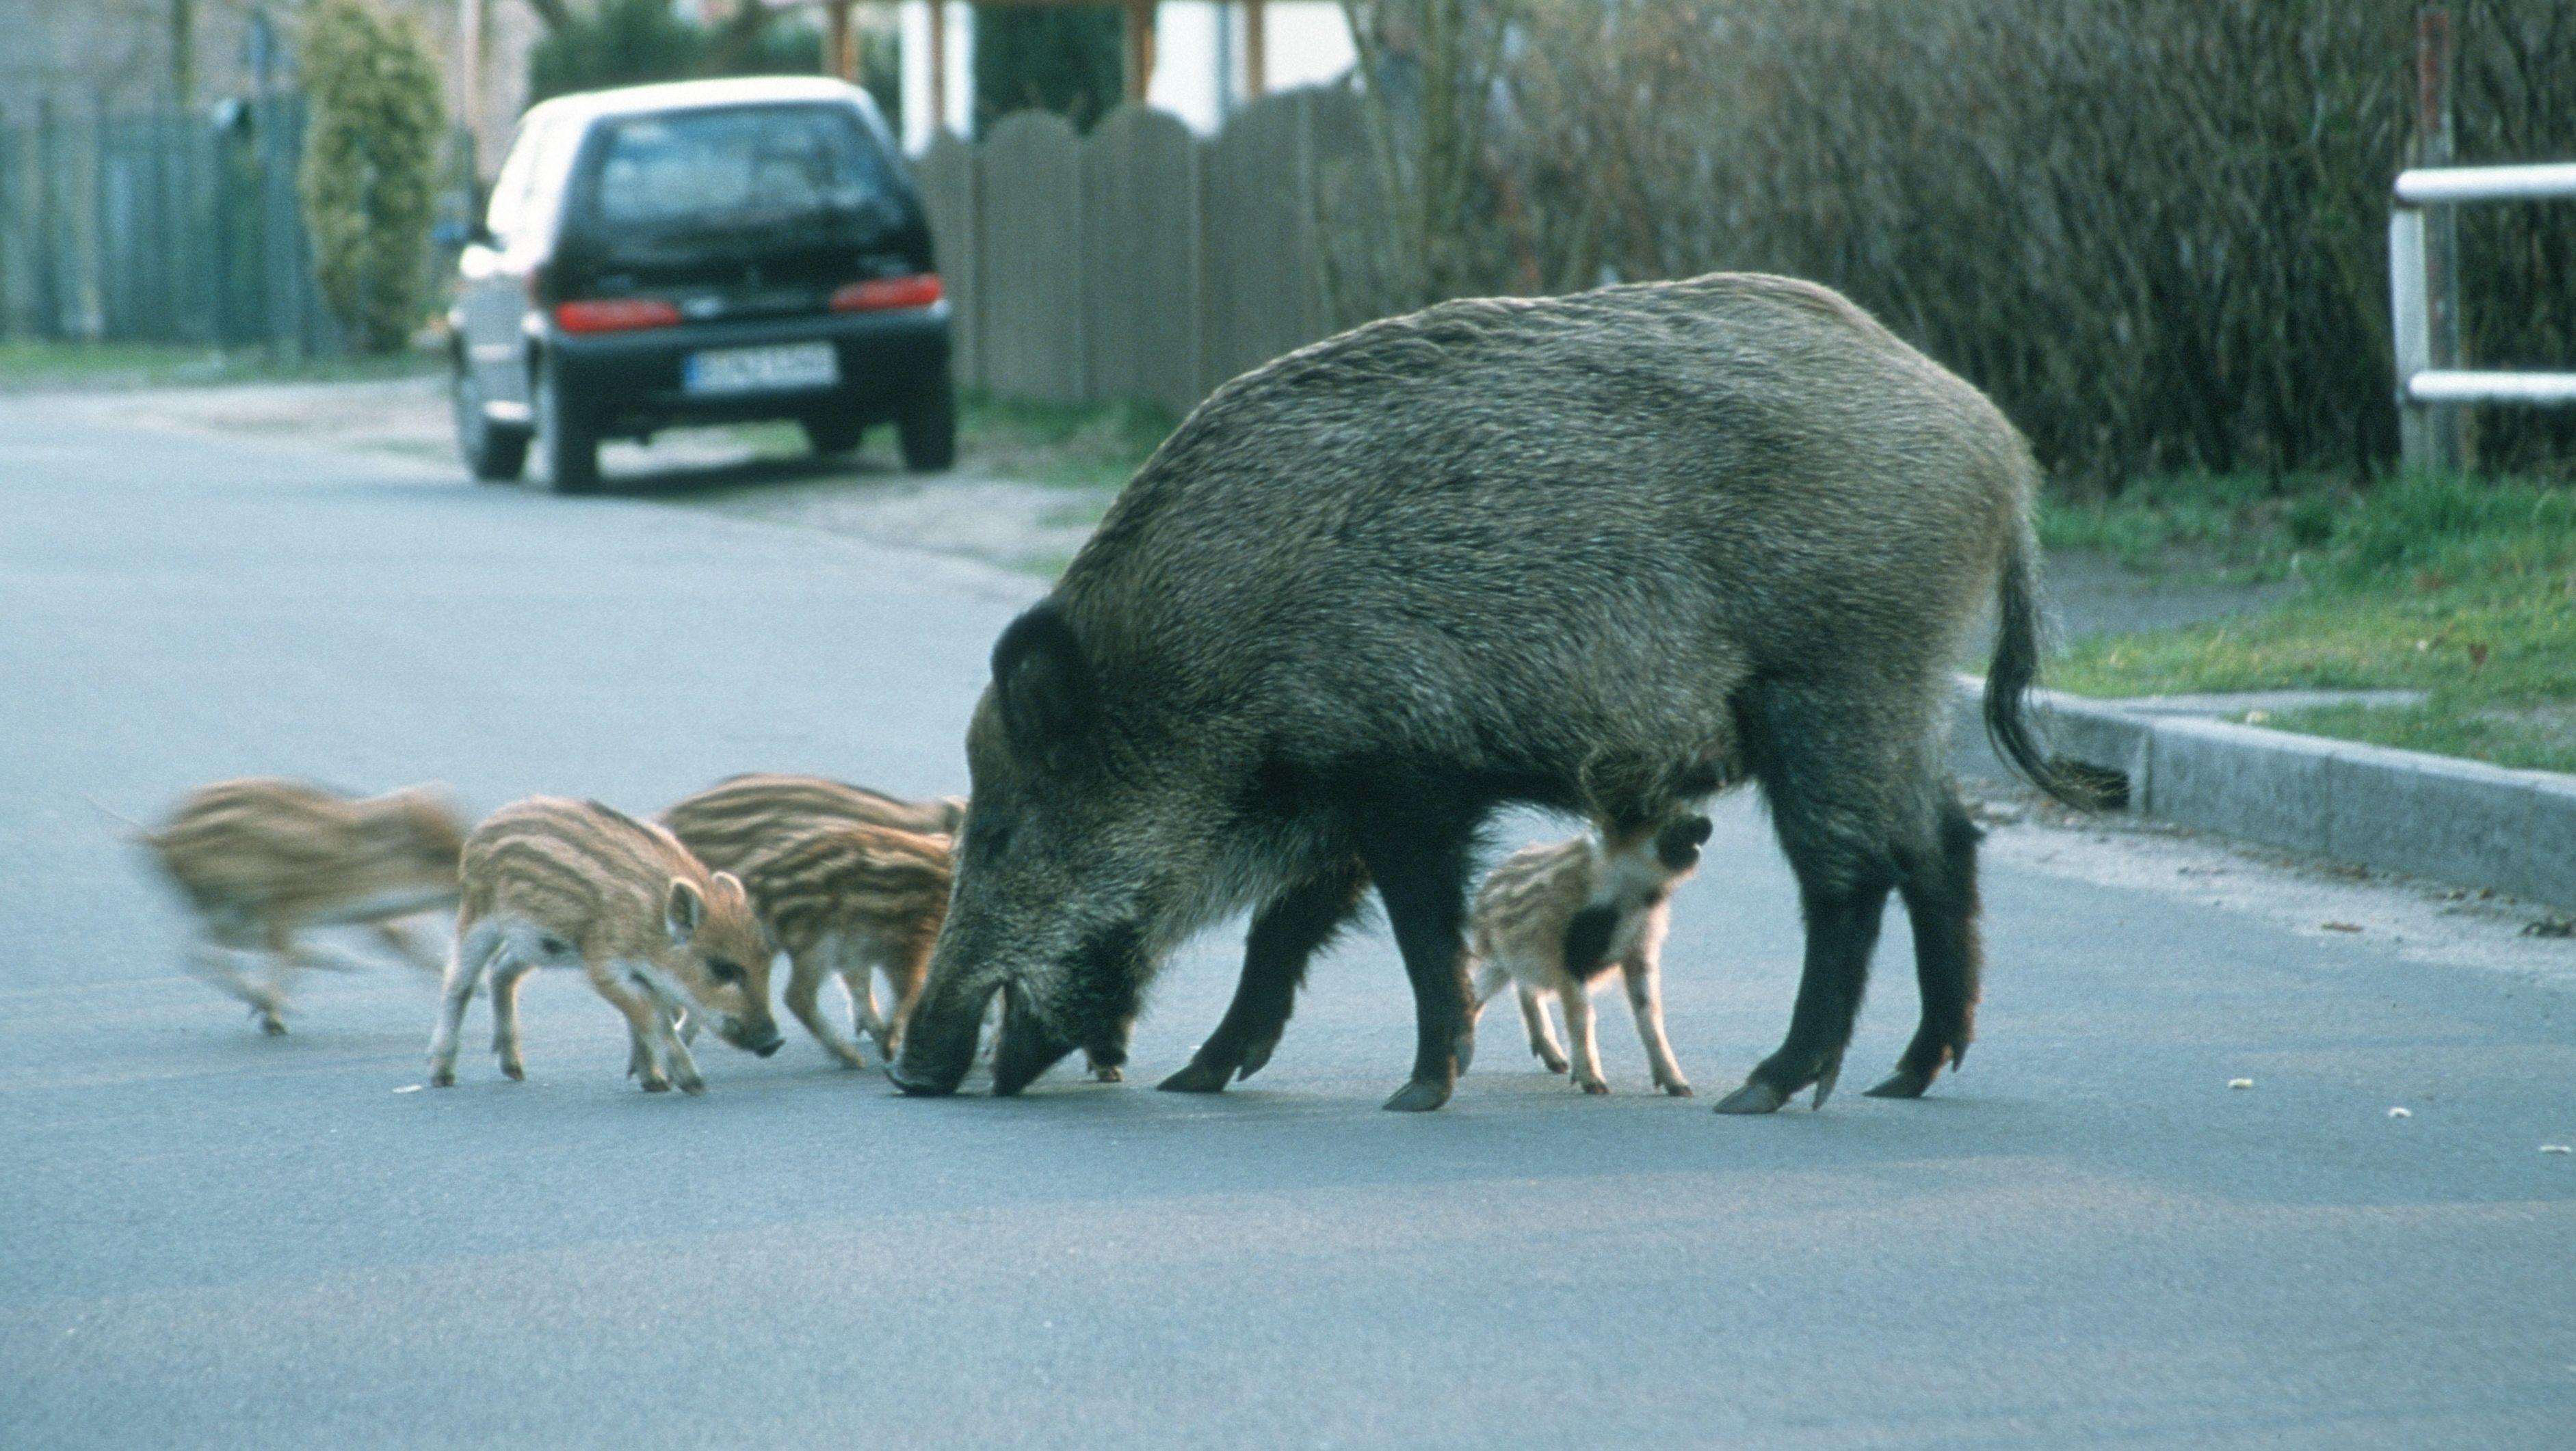 Wildschweine auf der Straße